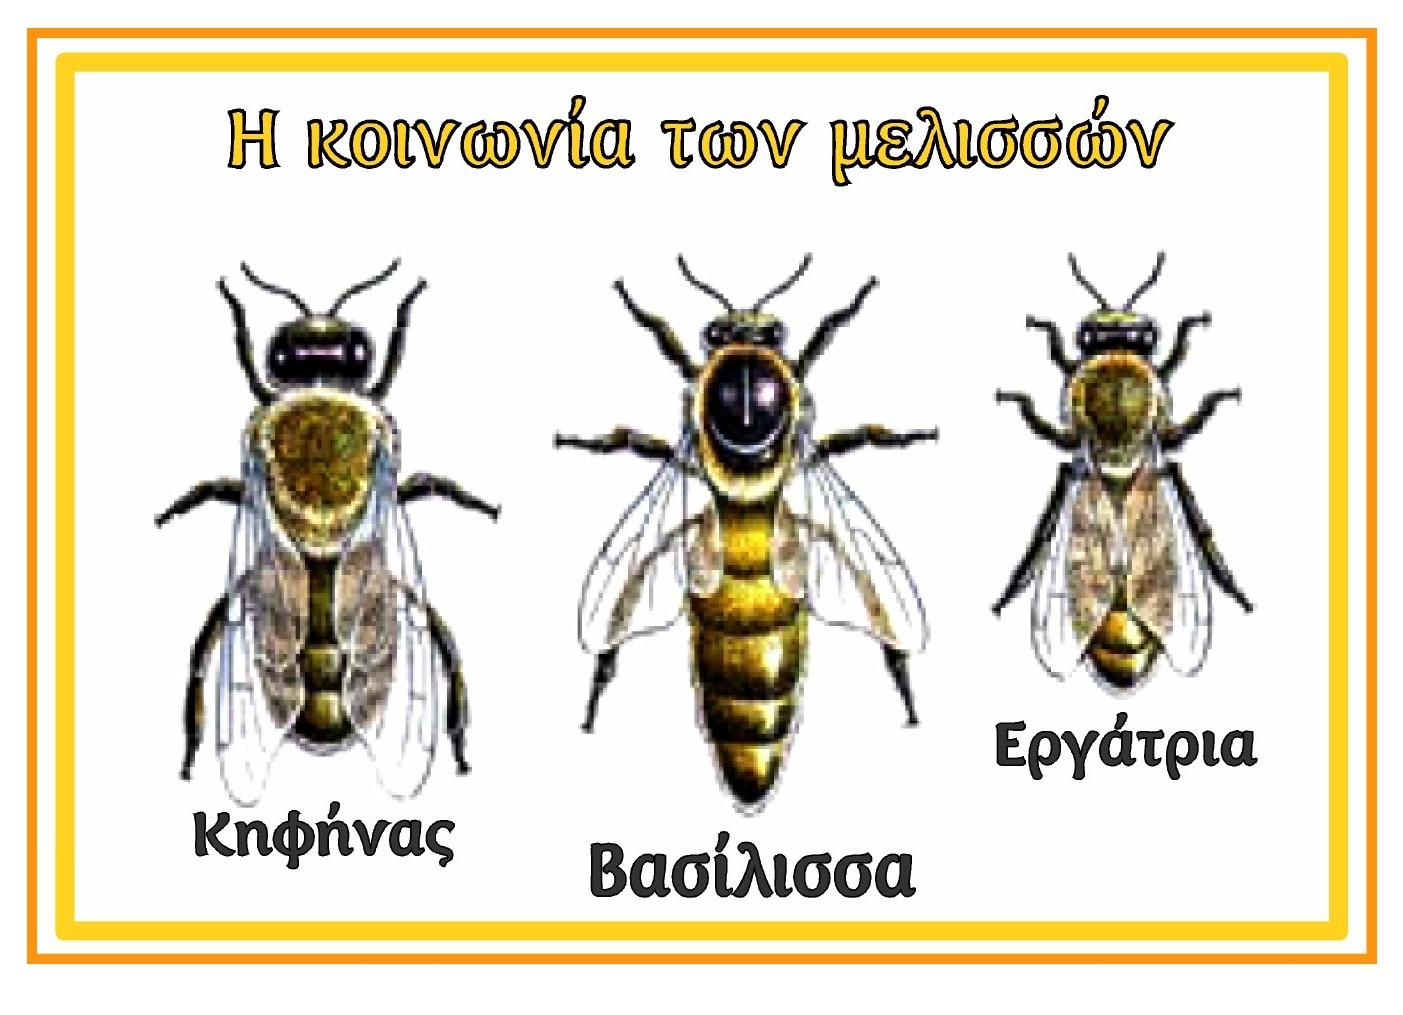 ΔΗΜΟΤΙΚΟ ΣΧΟΛΕΙΟ ΜΕΓΑΛΟΧΩΡΙΟΥ: Ο θαυμαστός κόσμος της μέλισσας